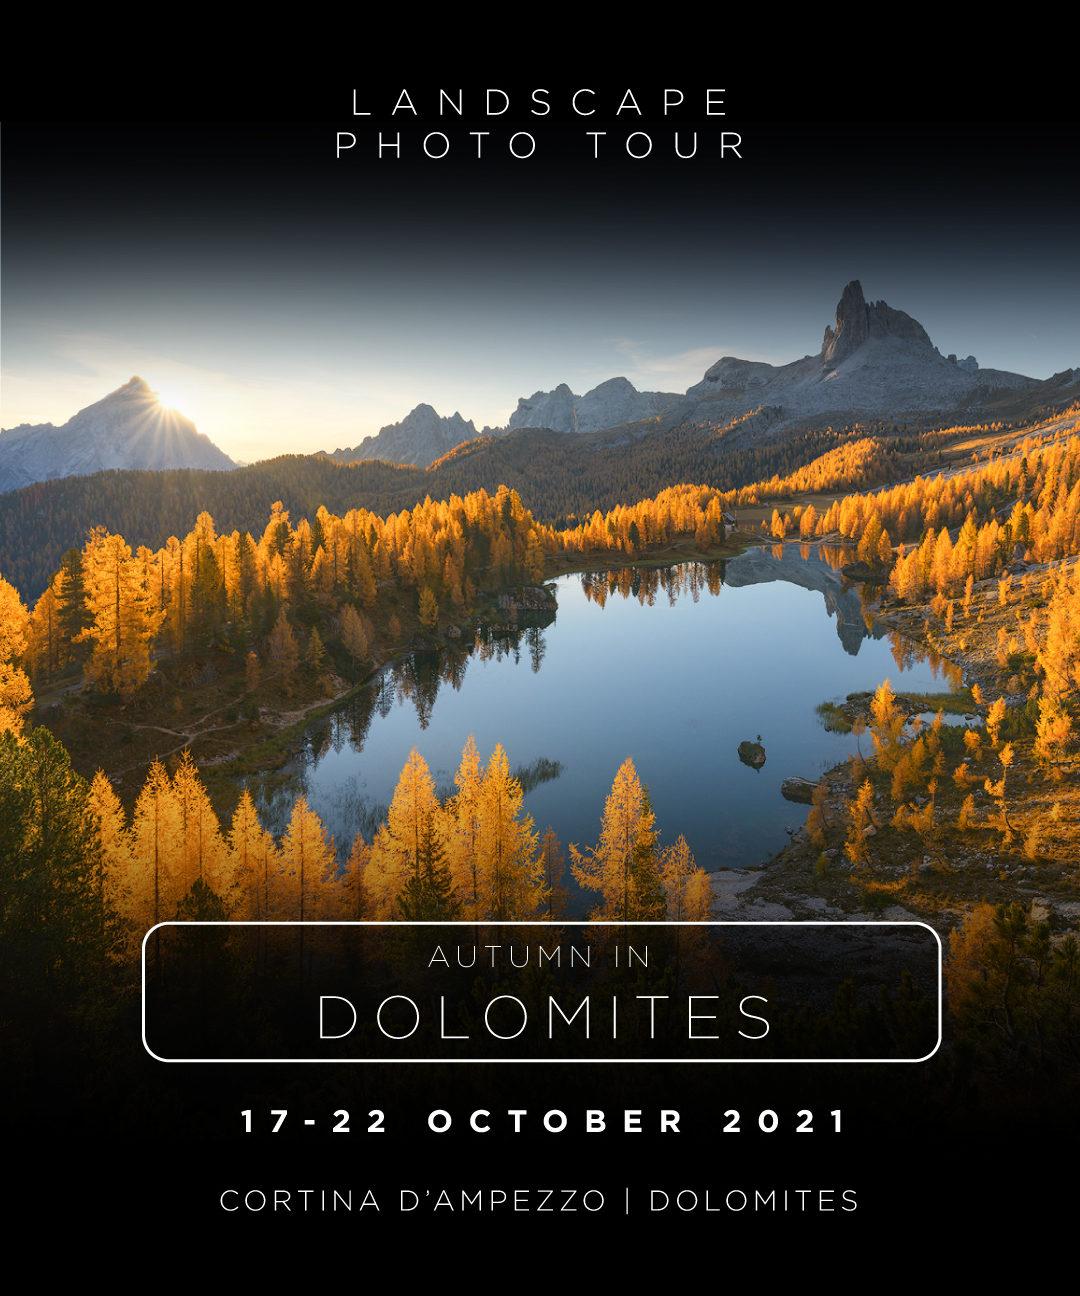 Dolomiti photo tour italy